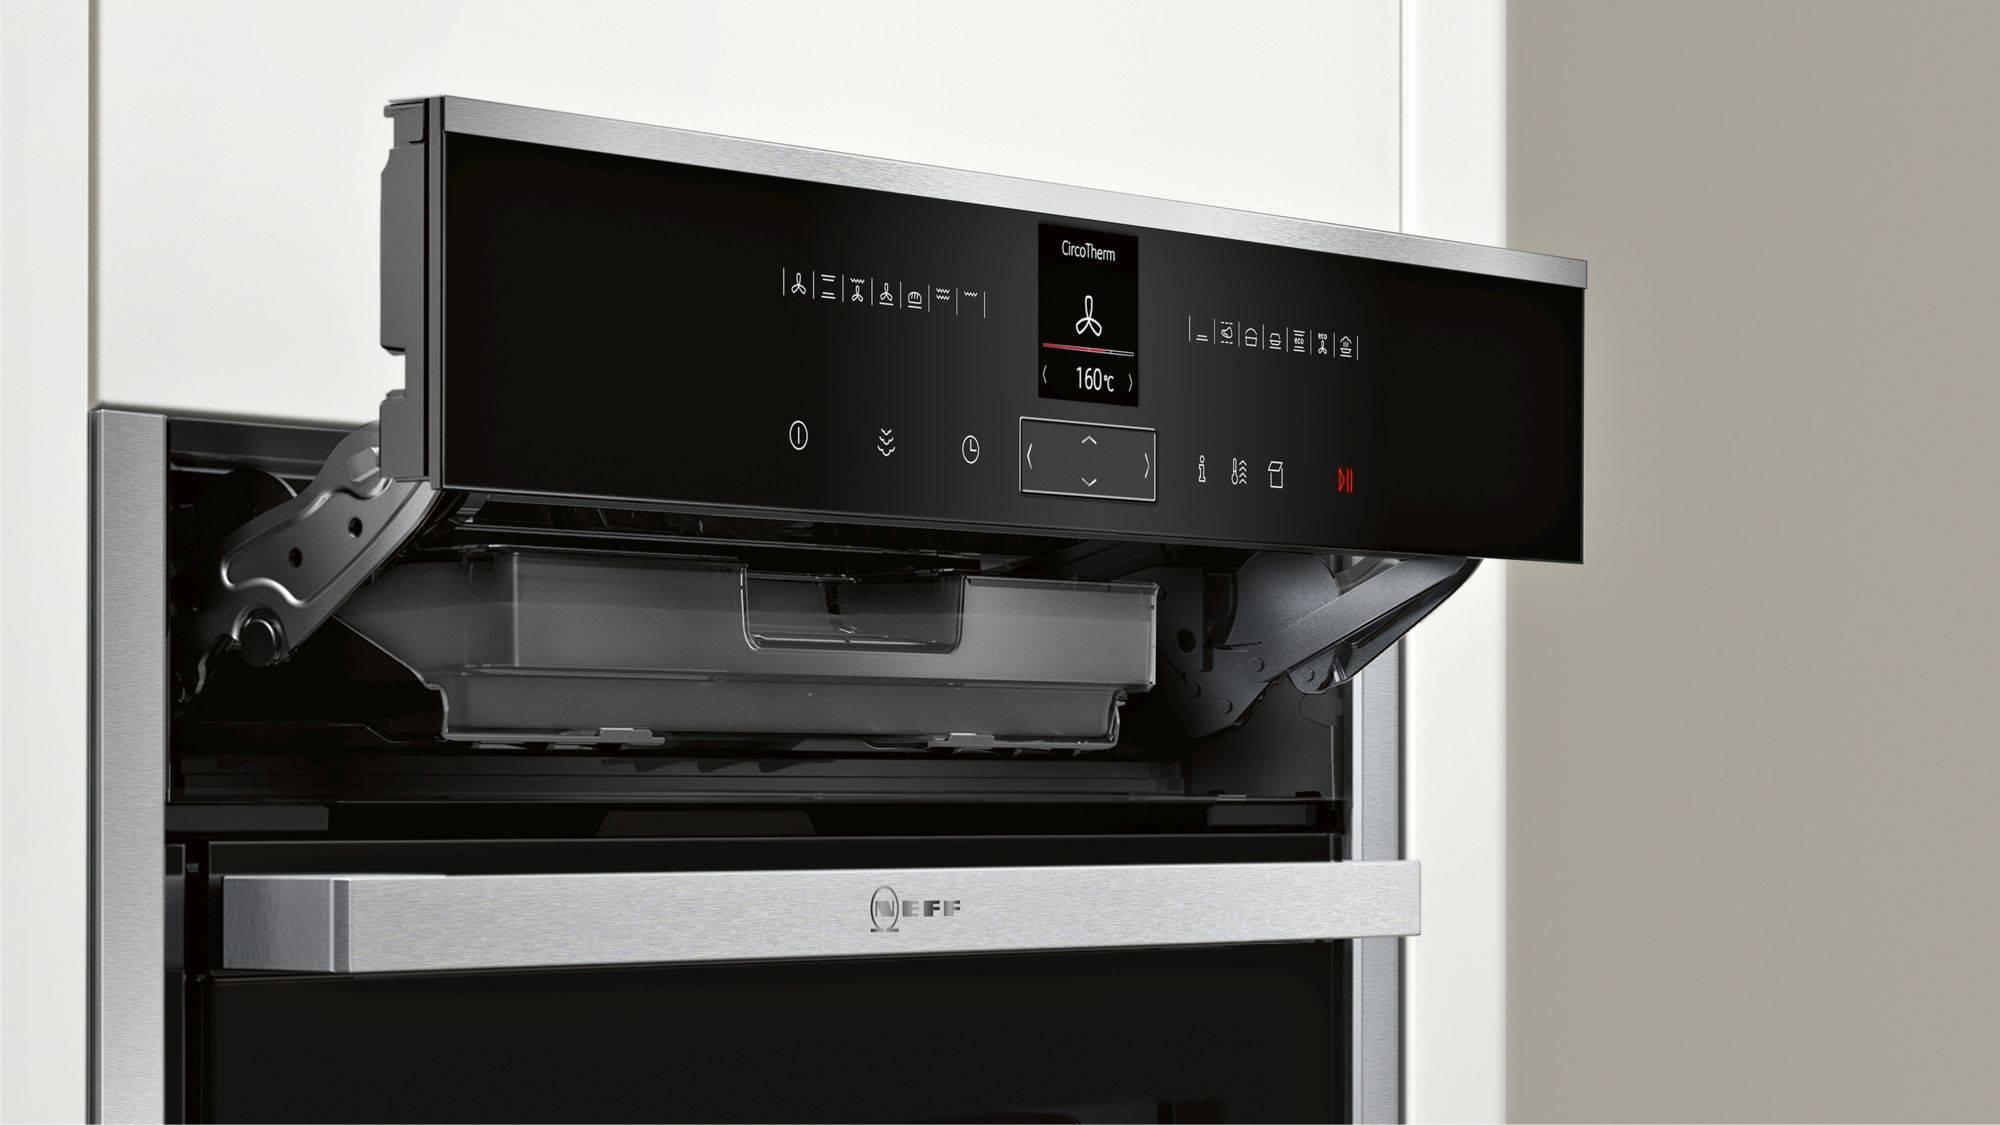 Neff Hide and slide oven - vario steam - GBBO